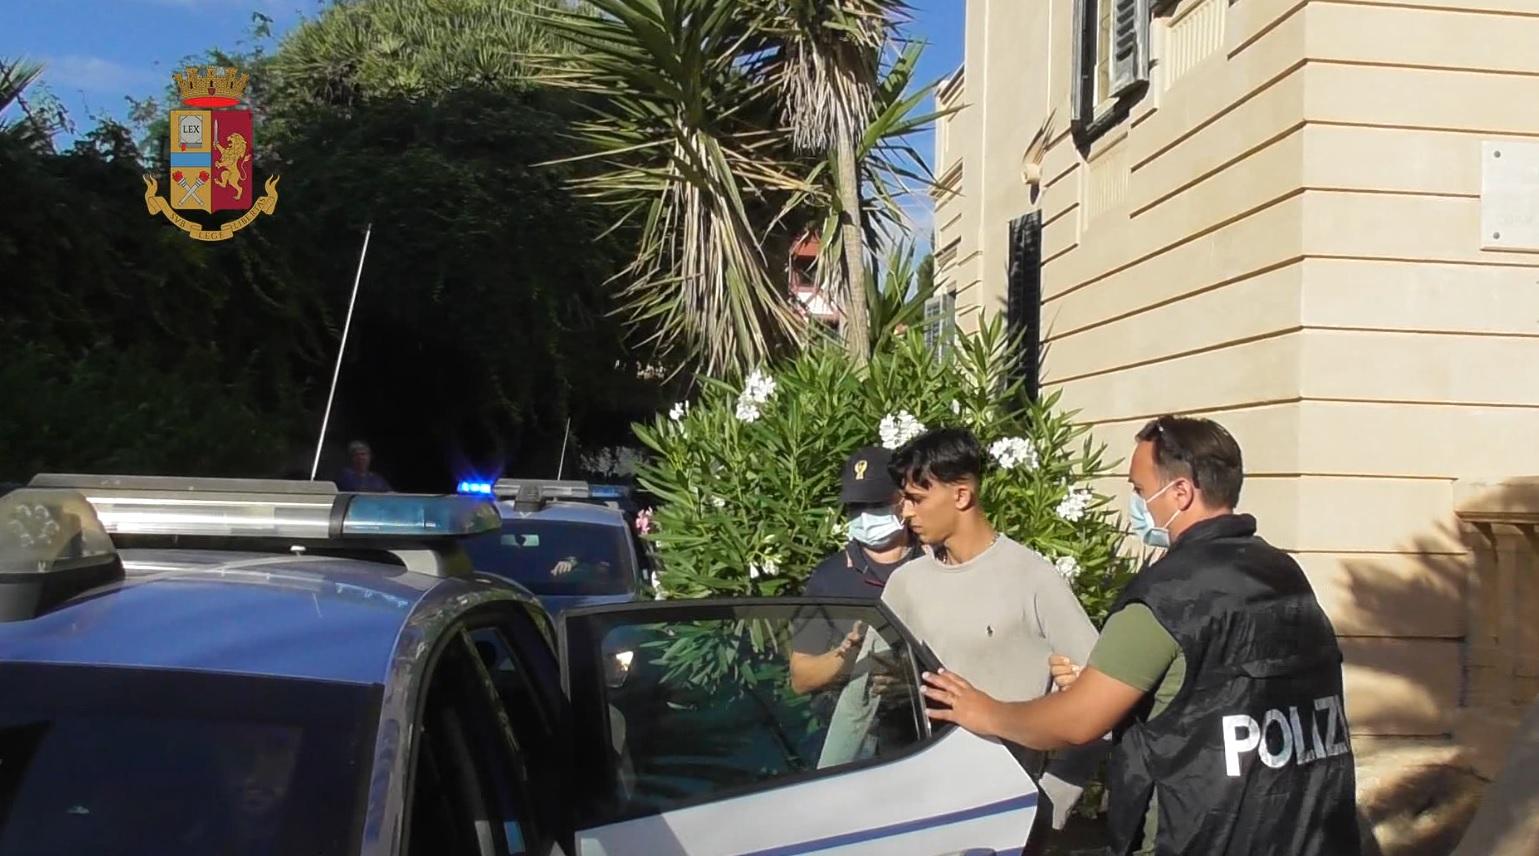 Minorenni accoltellati e picchiati a Mondello: 4 arresti